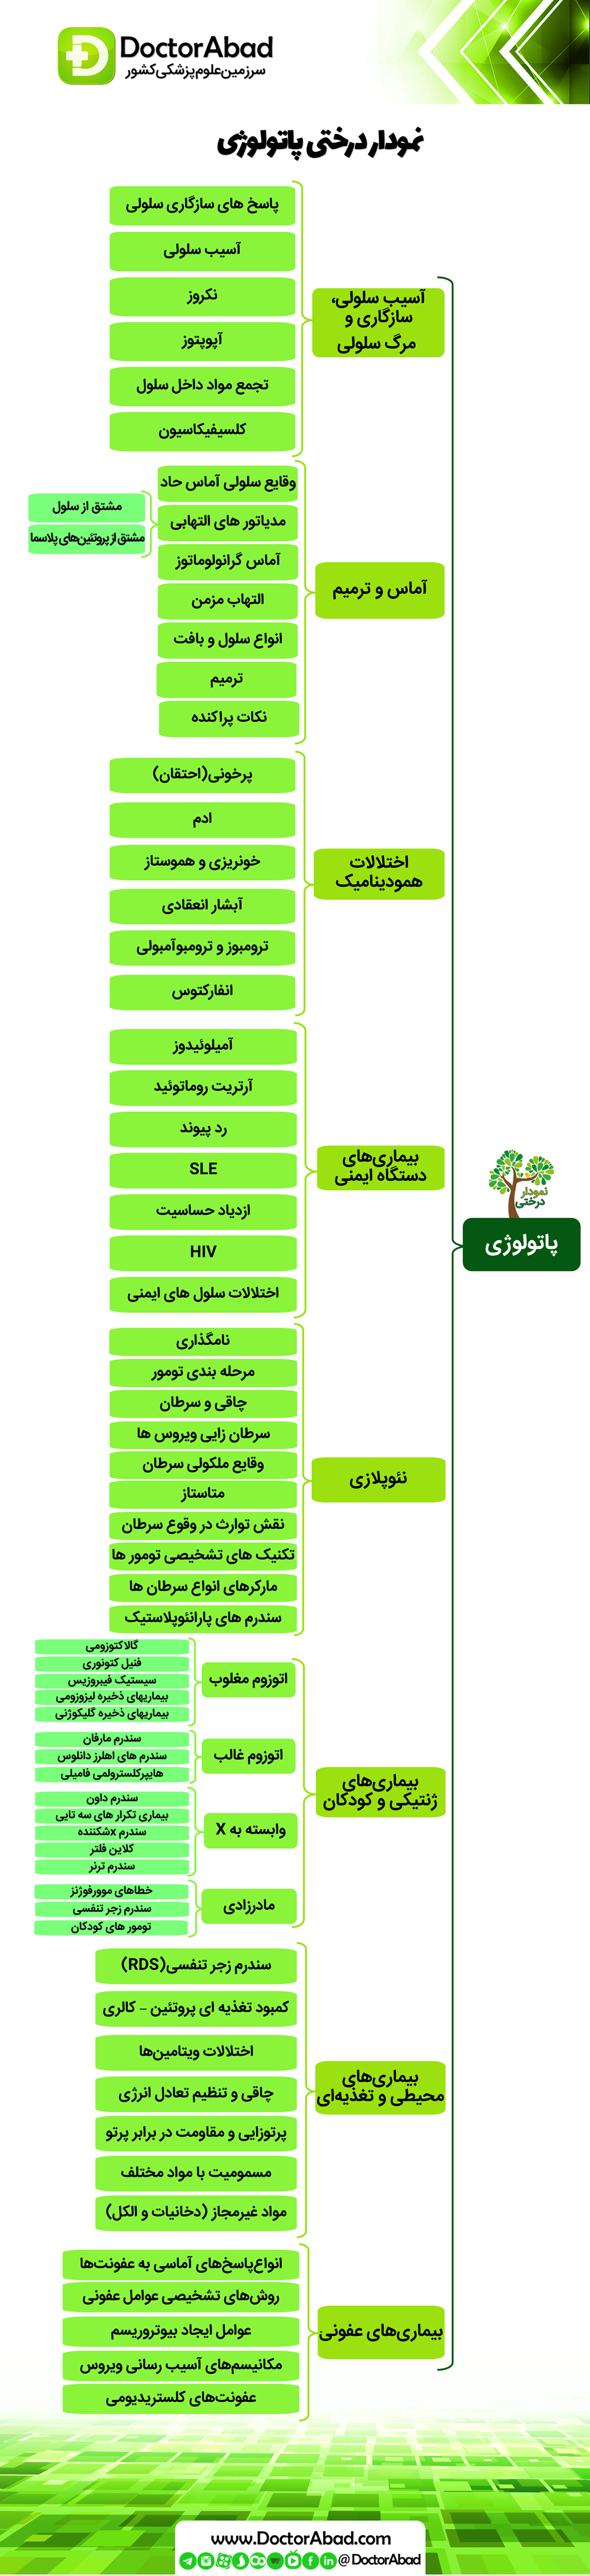 نمودار درختی پاتولوژی